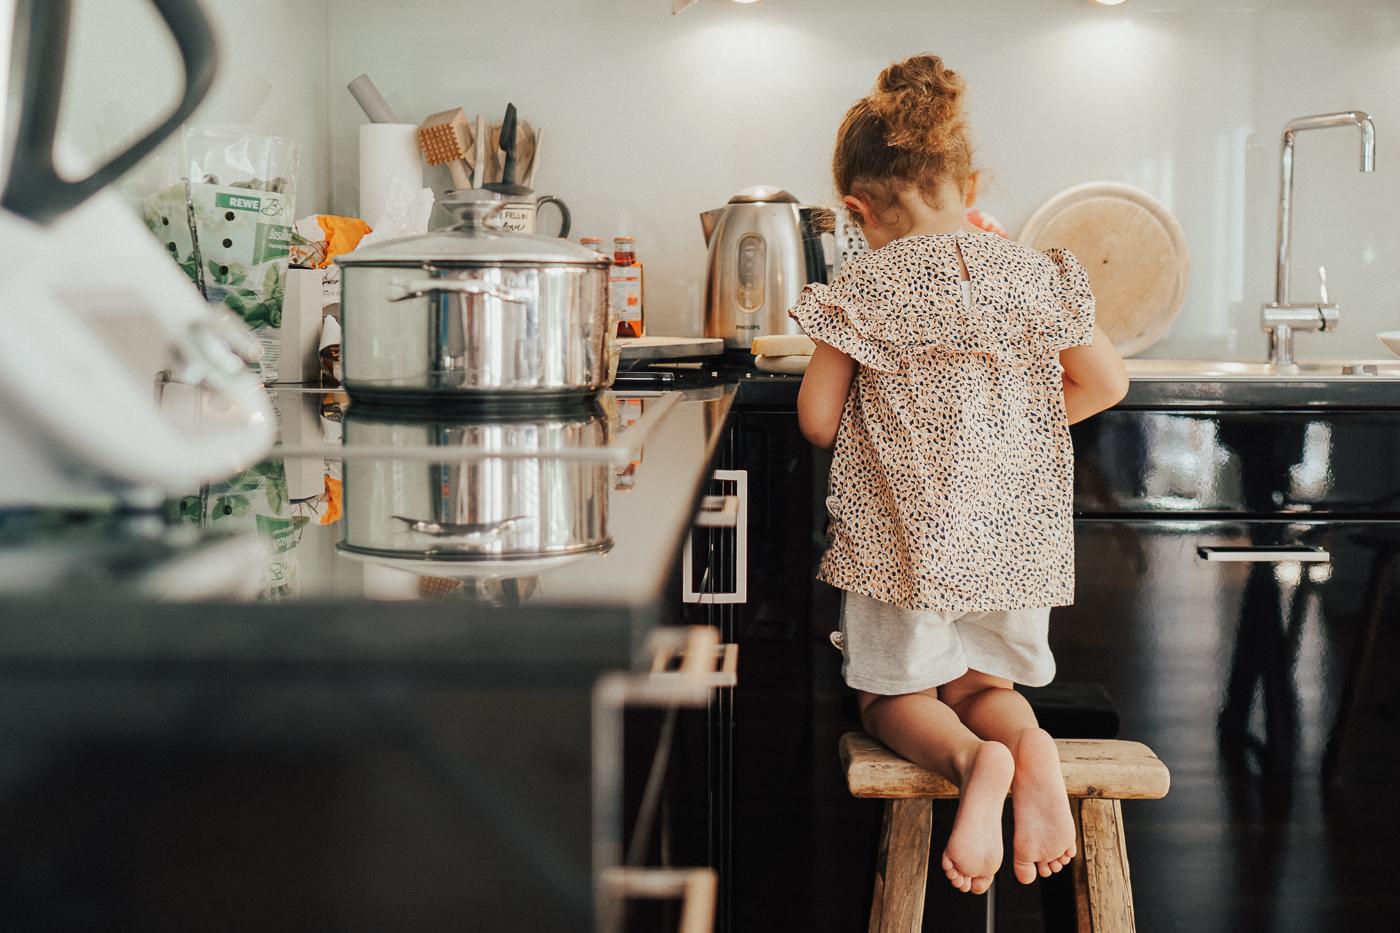 Kochen mit Kind, Kinder kochen gerne